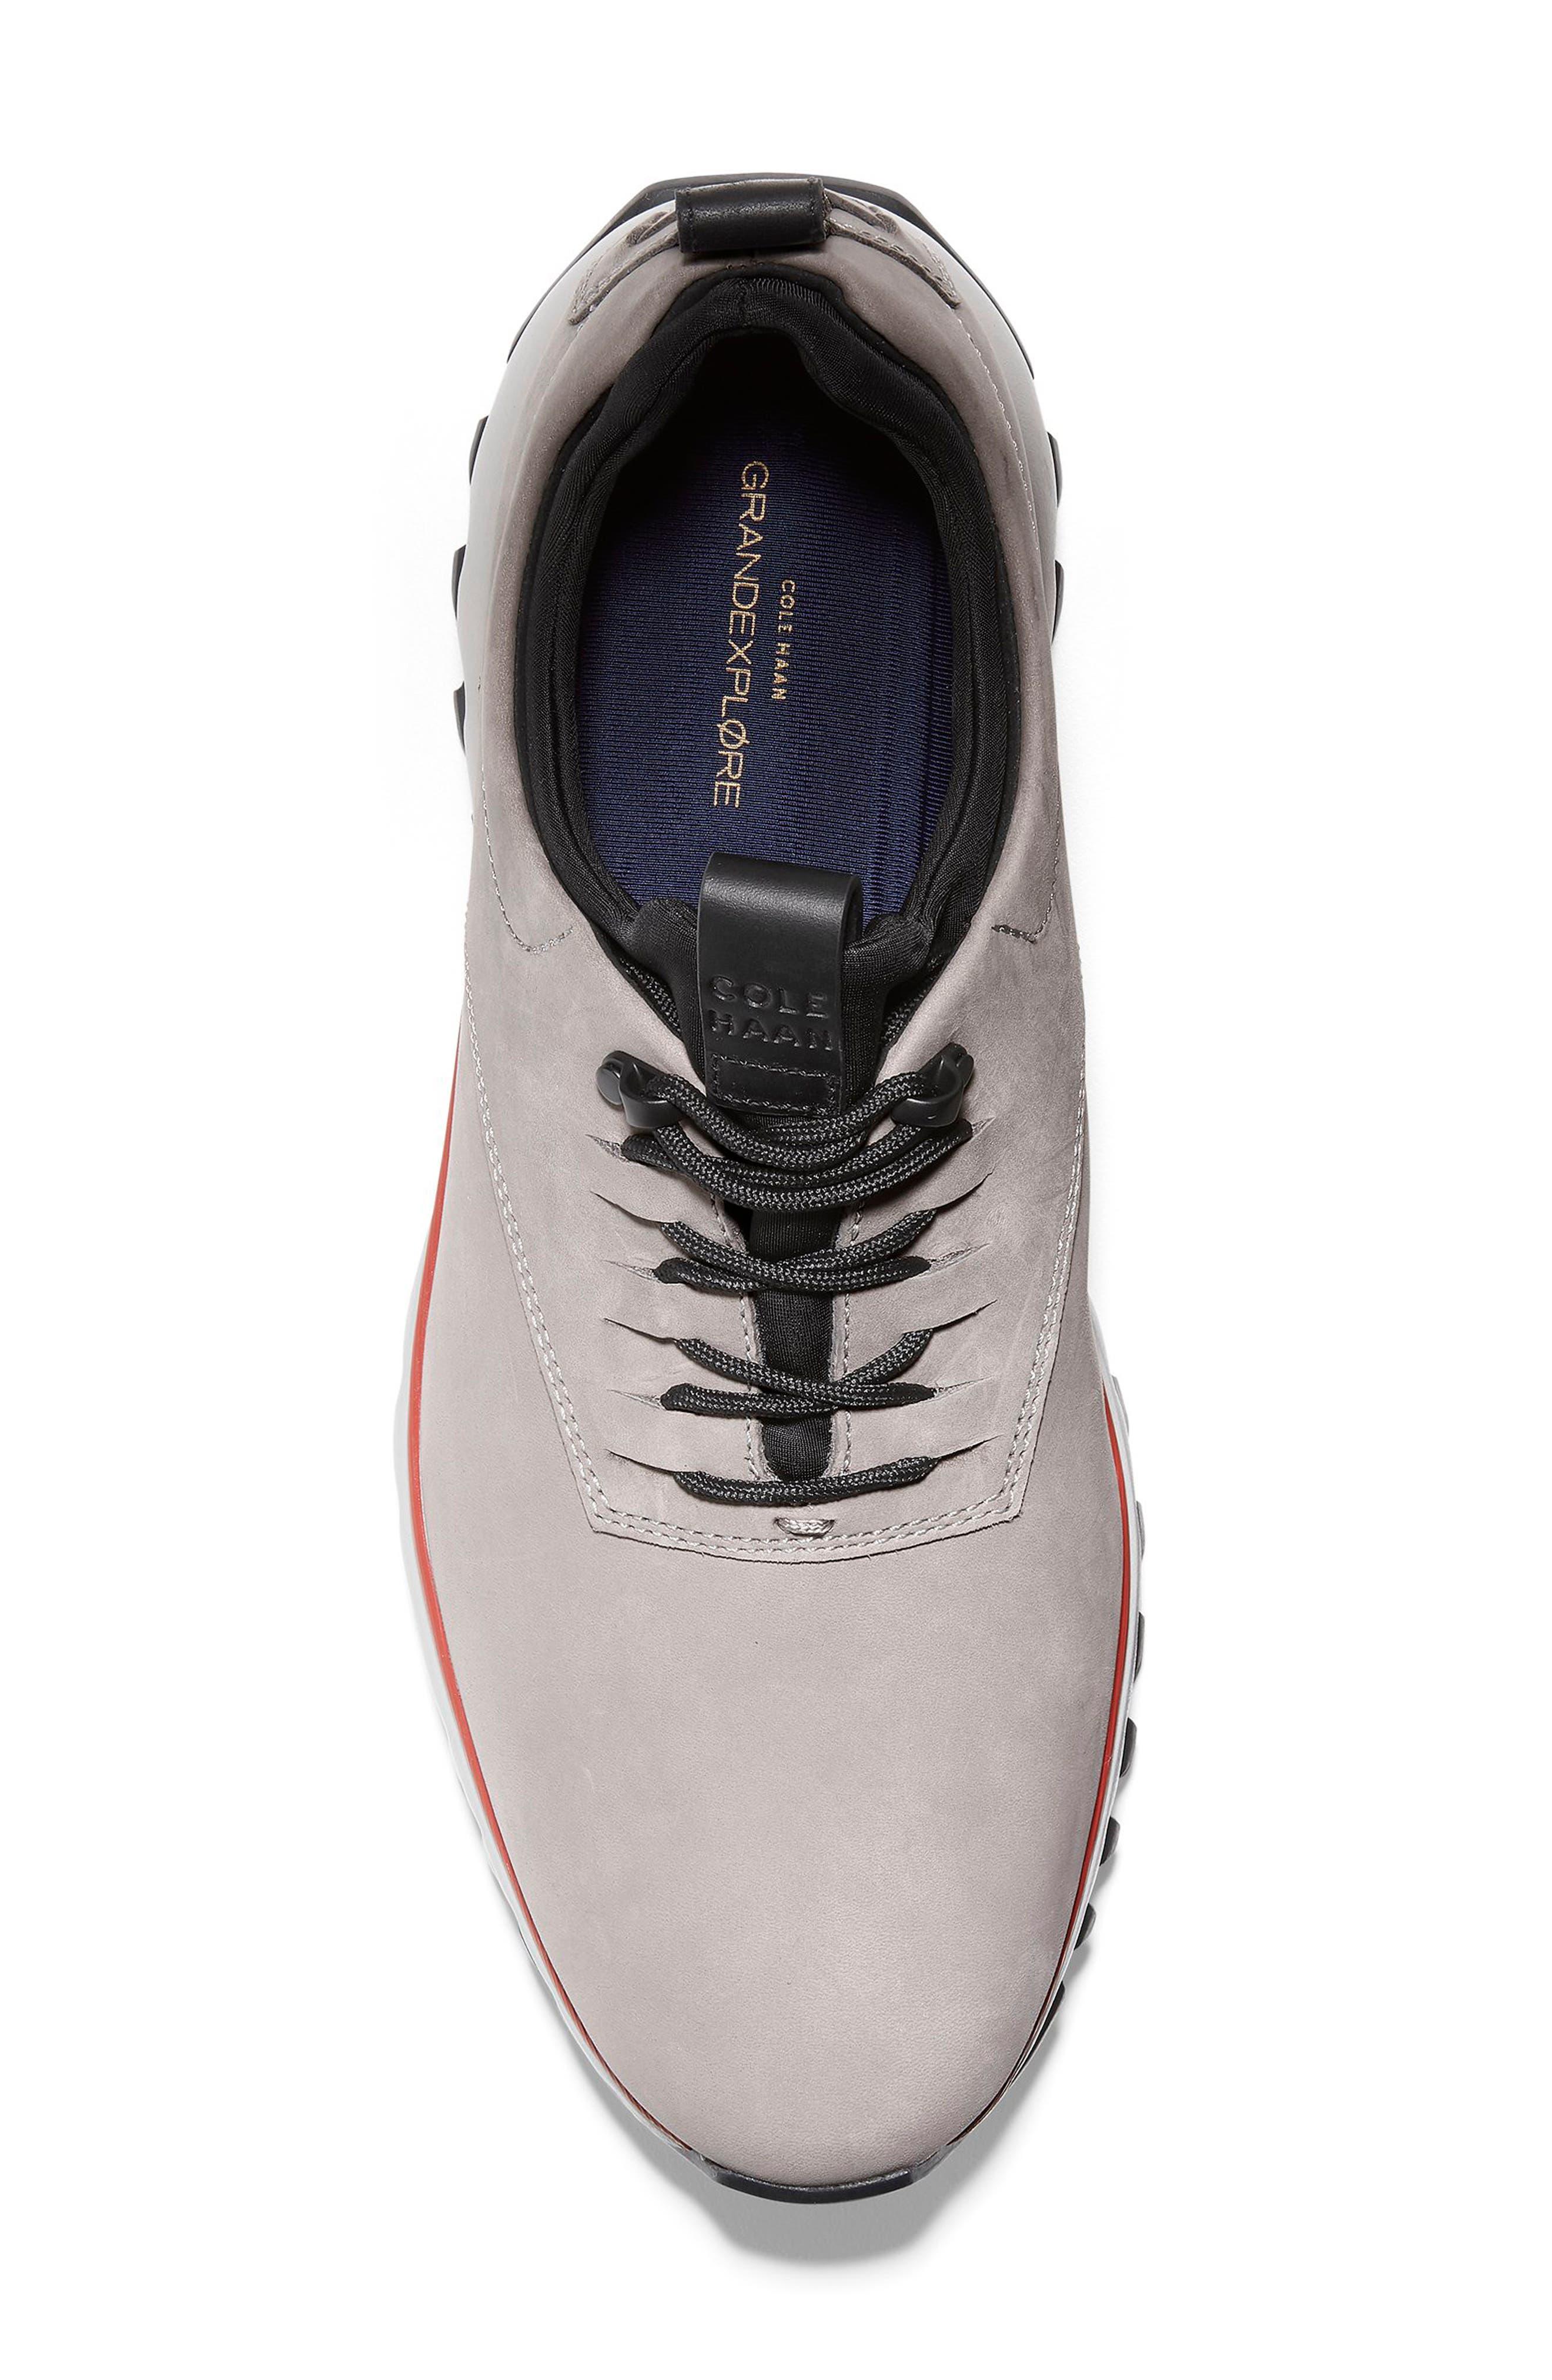 ZeroGrand Explore Sneaker,                             Alternate thumbnail 5, color,                             020